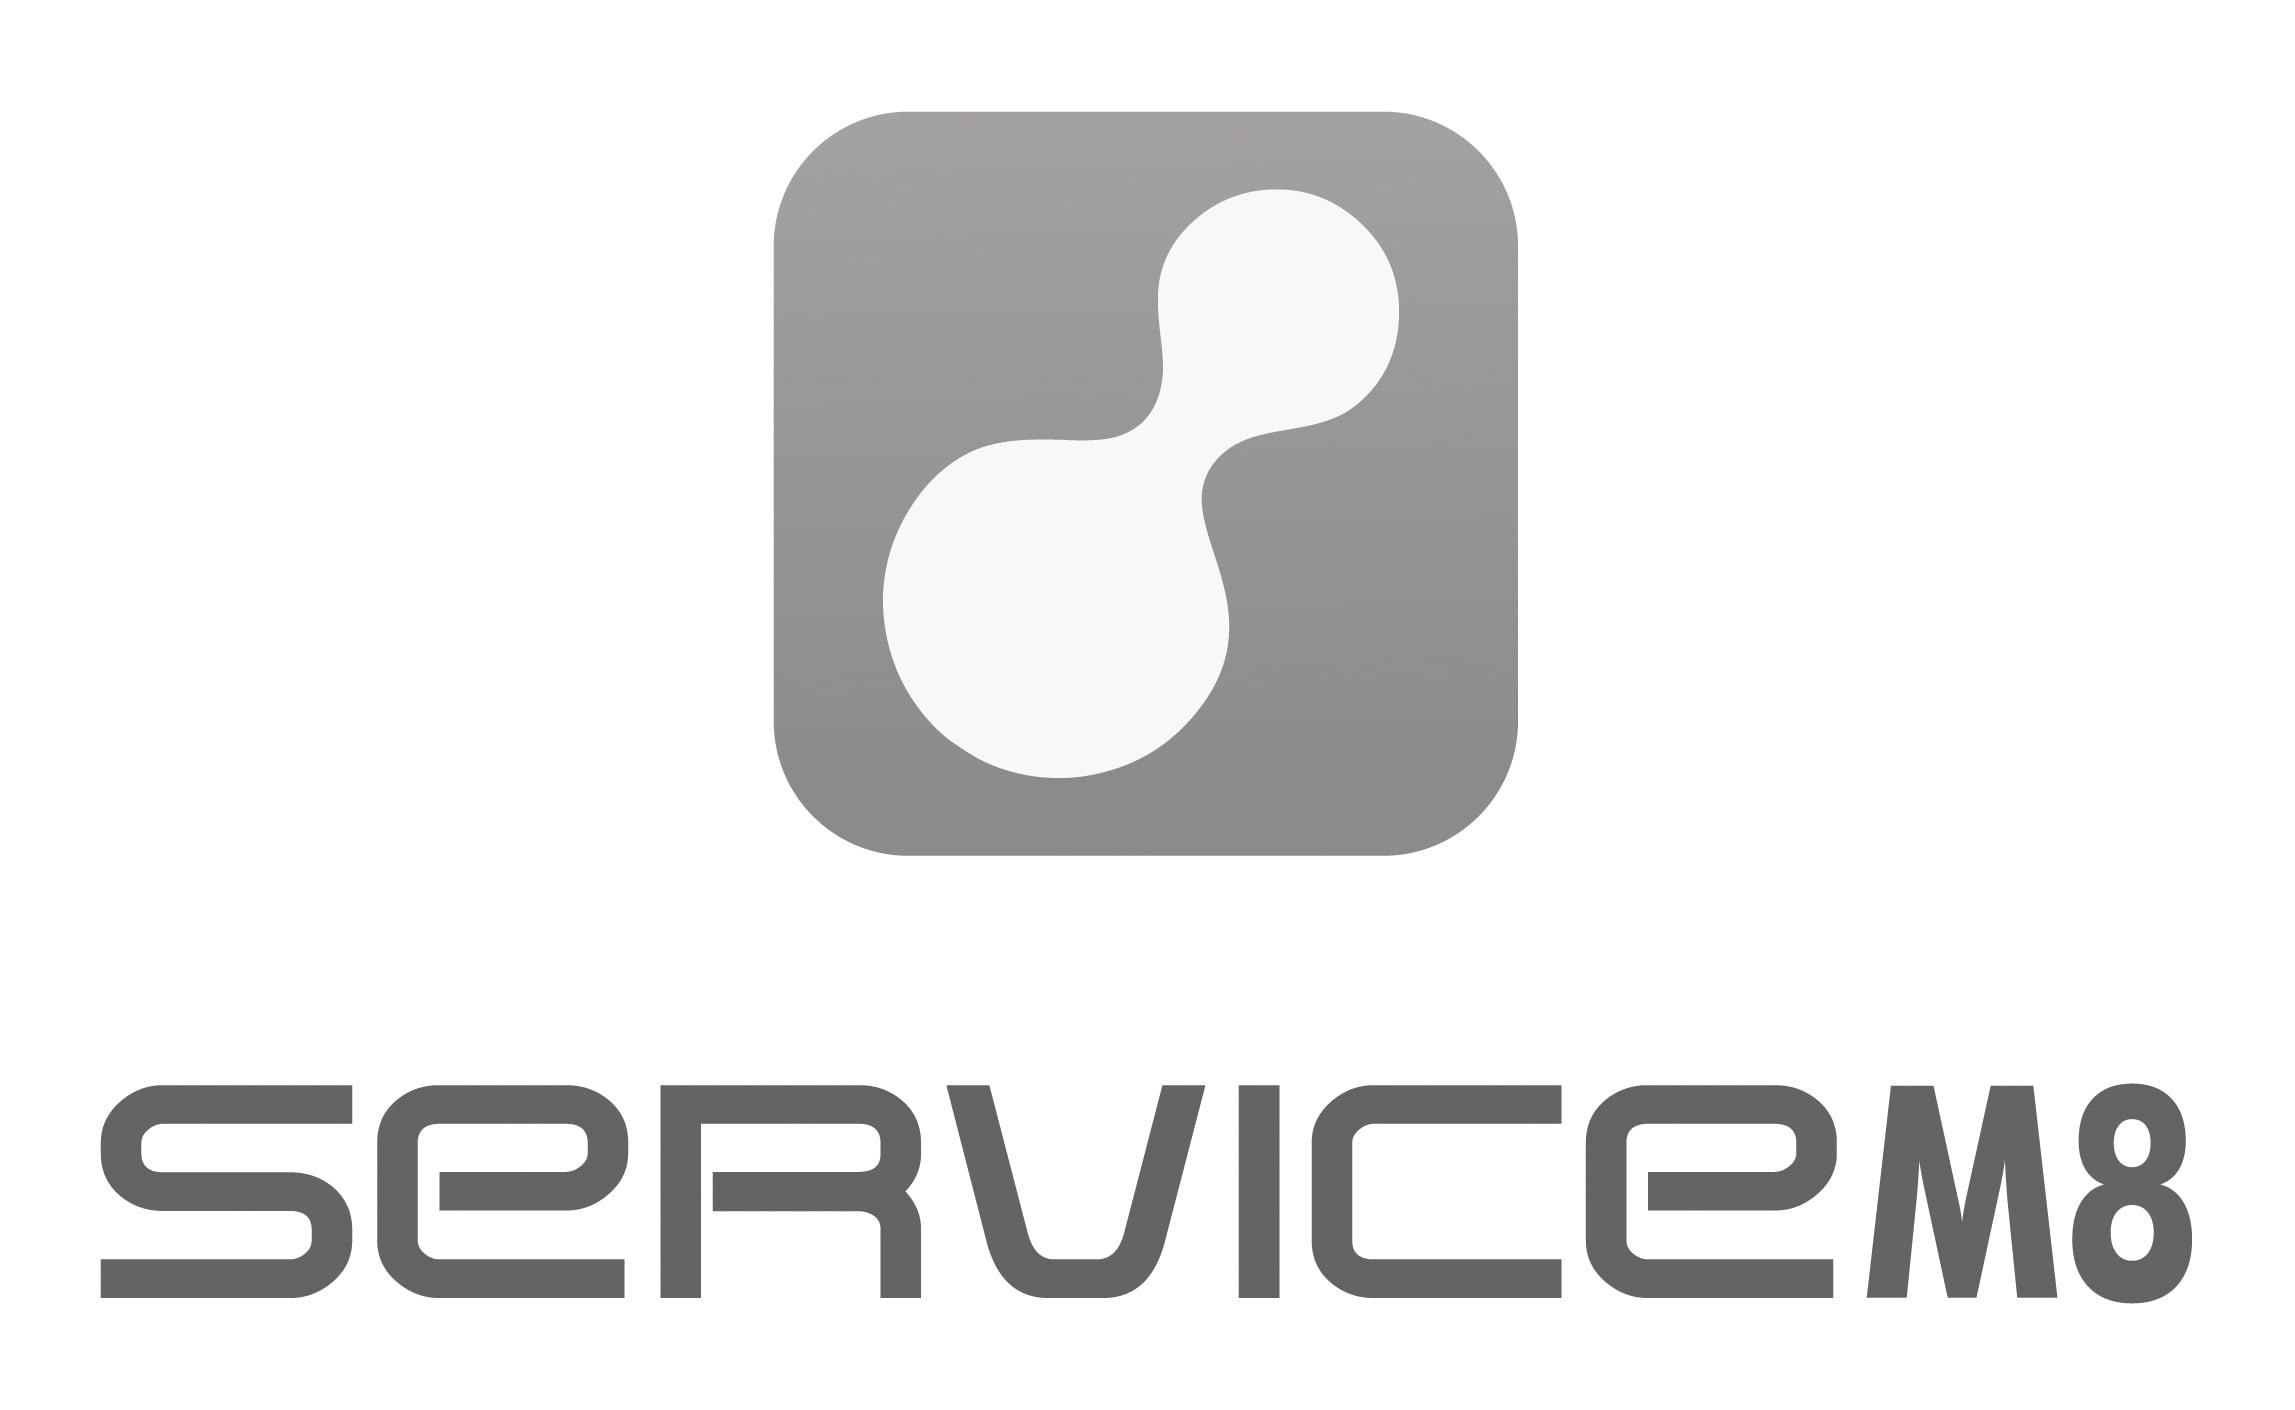 https://cdn.linkadvisors.com.au/wp-content/uploads/media/2020/01/service-m8.jpg